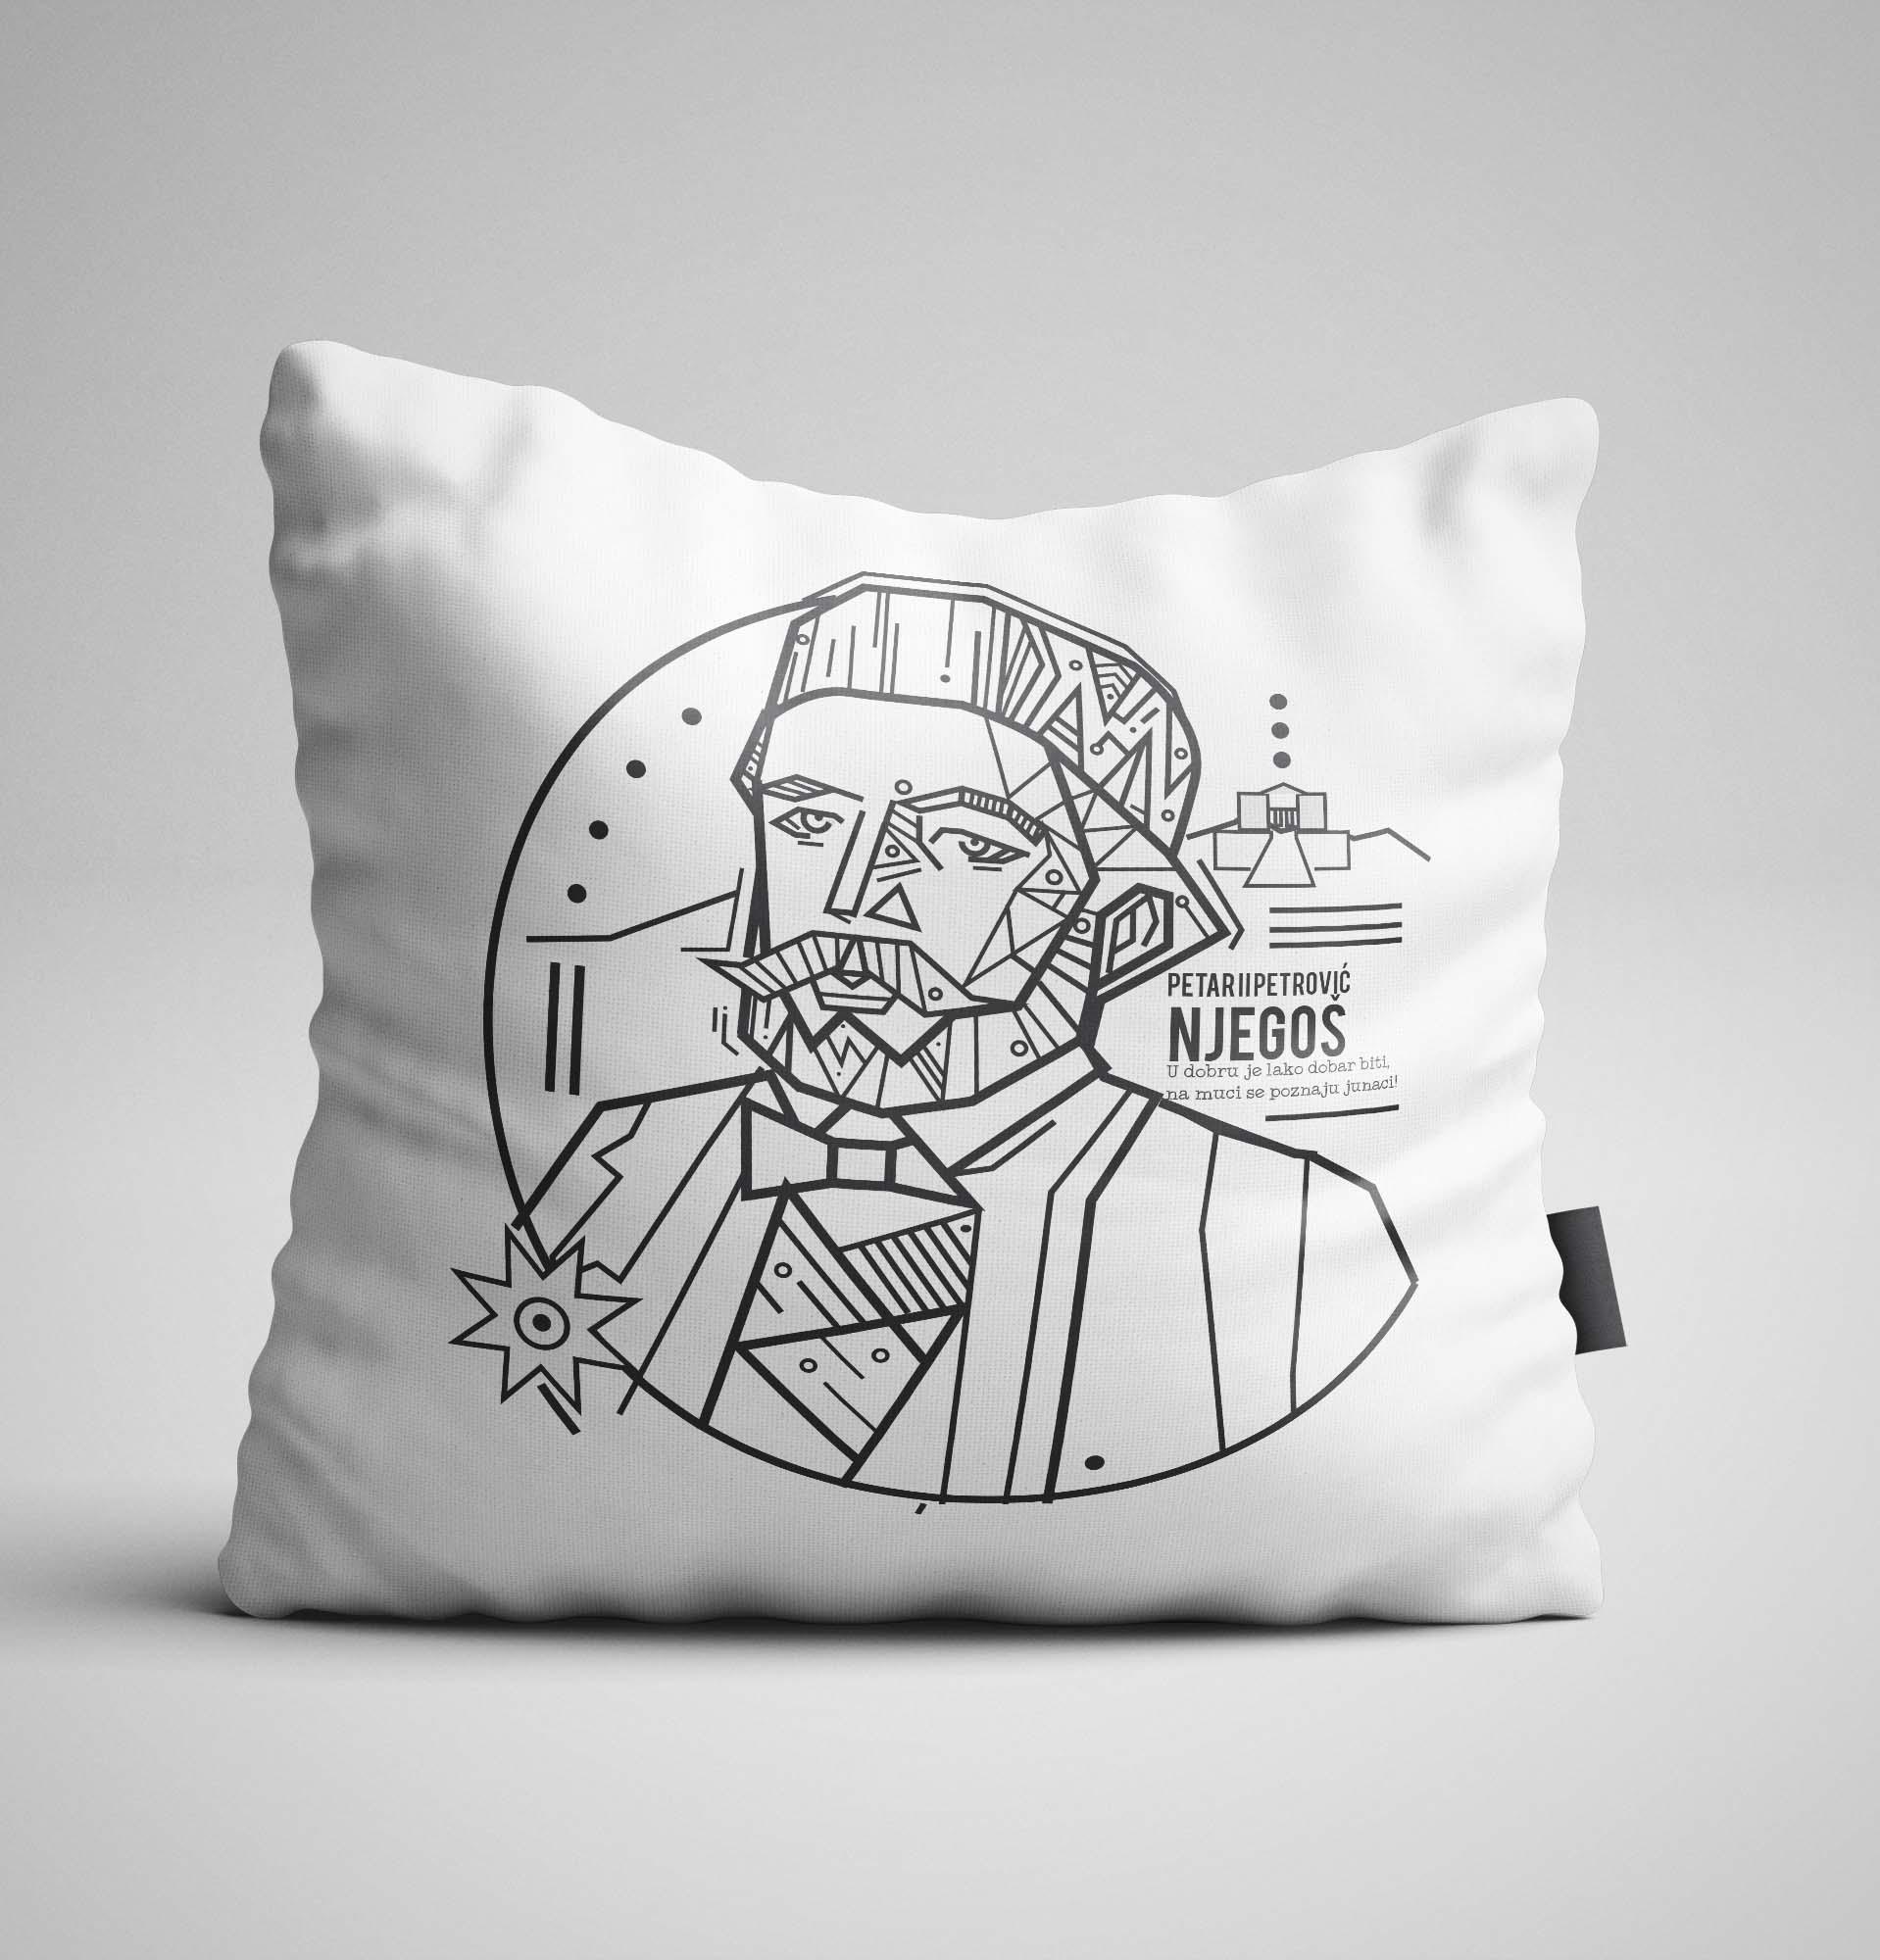 Dekorativni jastuk sa Njegošem i Lovćenom dizajn Kerefeke